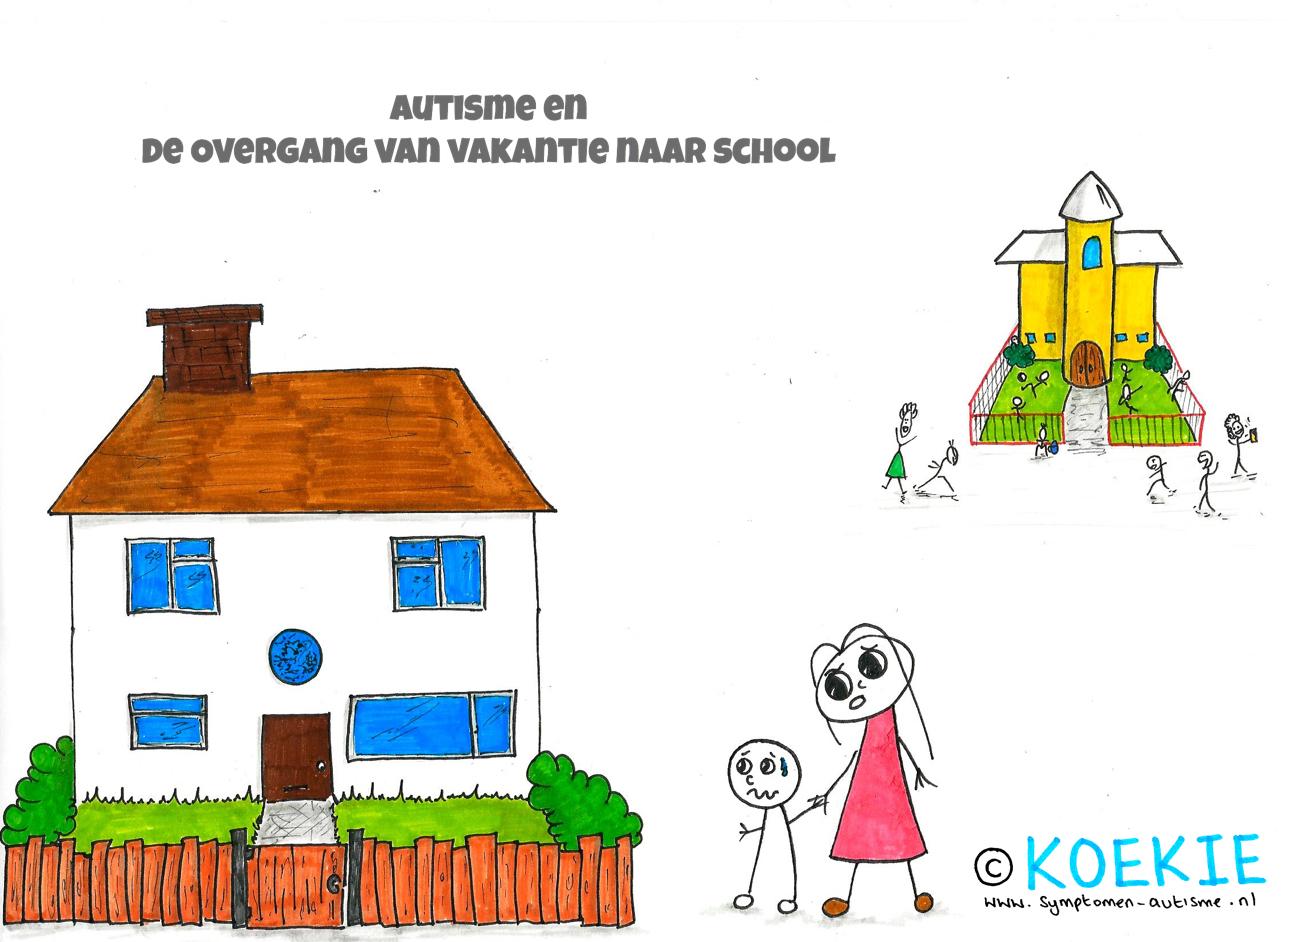 Autisme-en-overgang-vakantie-school-1-1.jpg